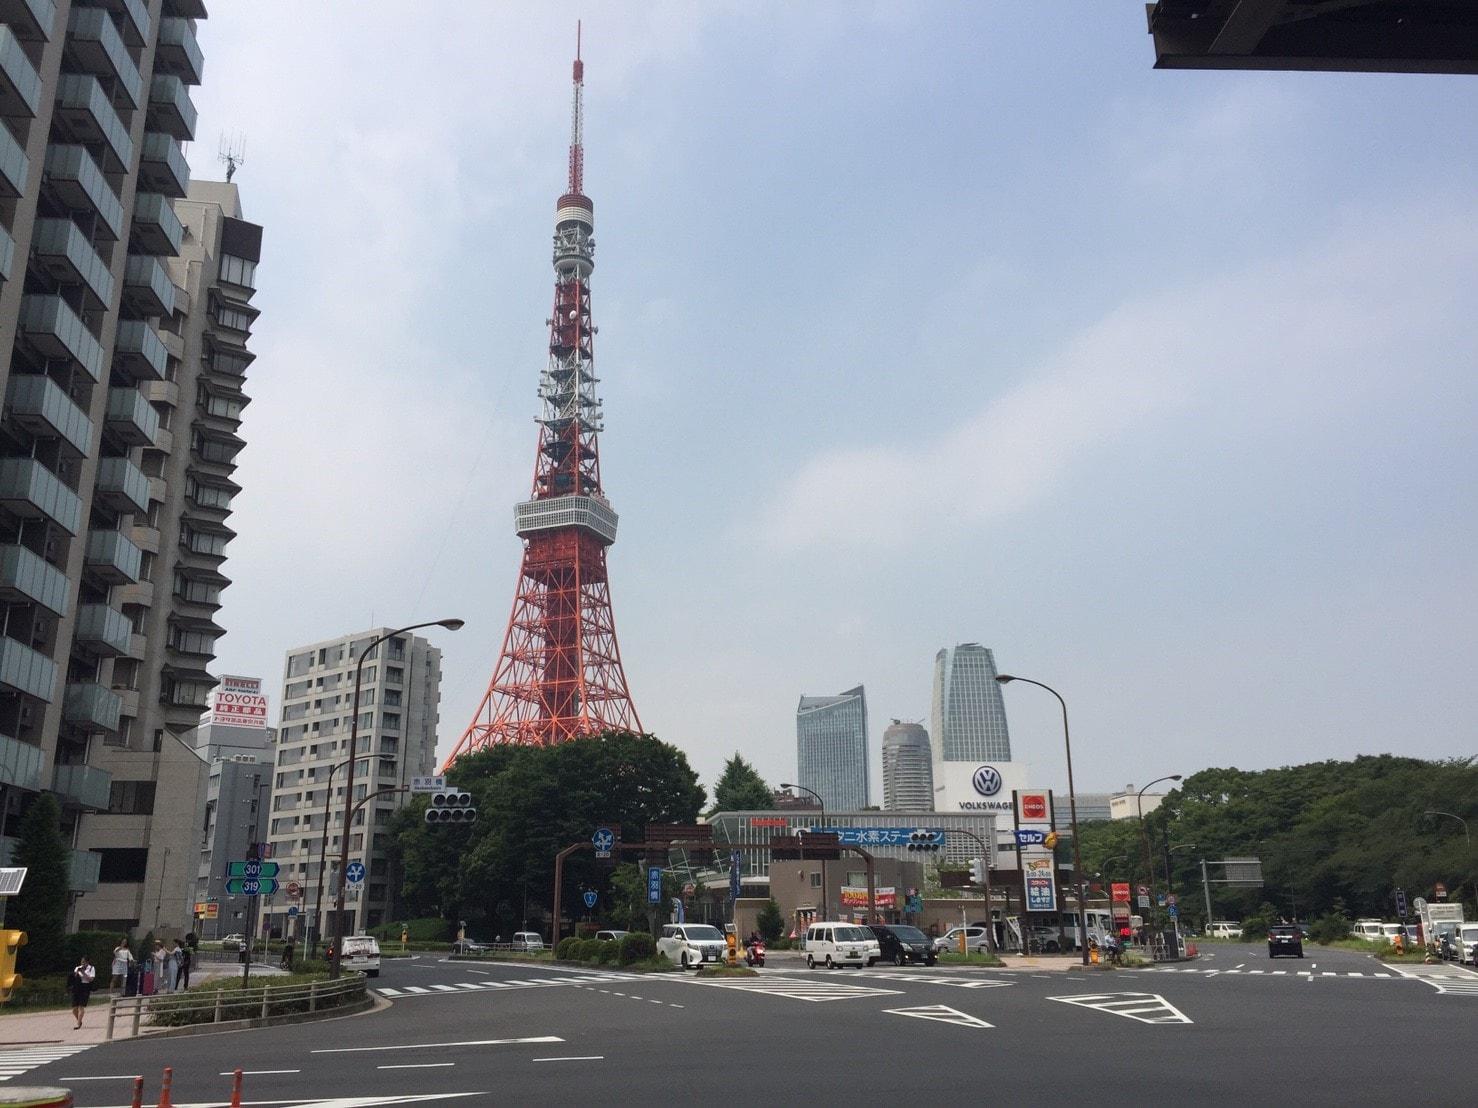 東京タワーが望める街並み